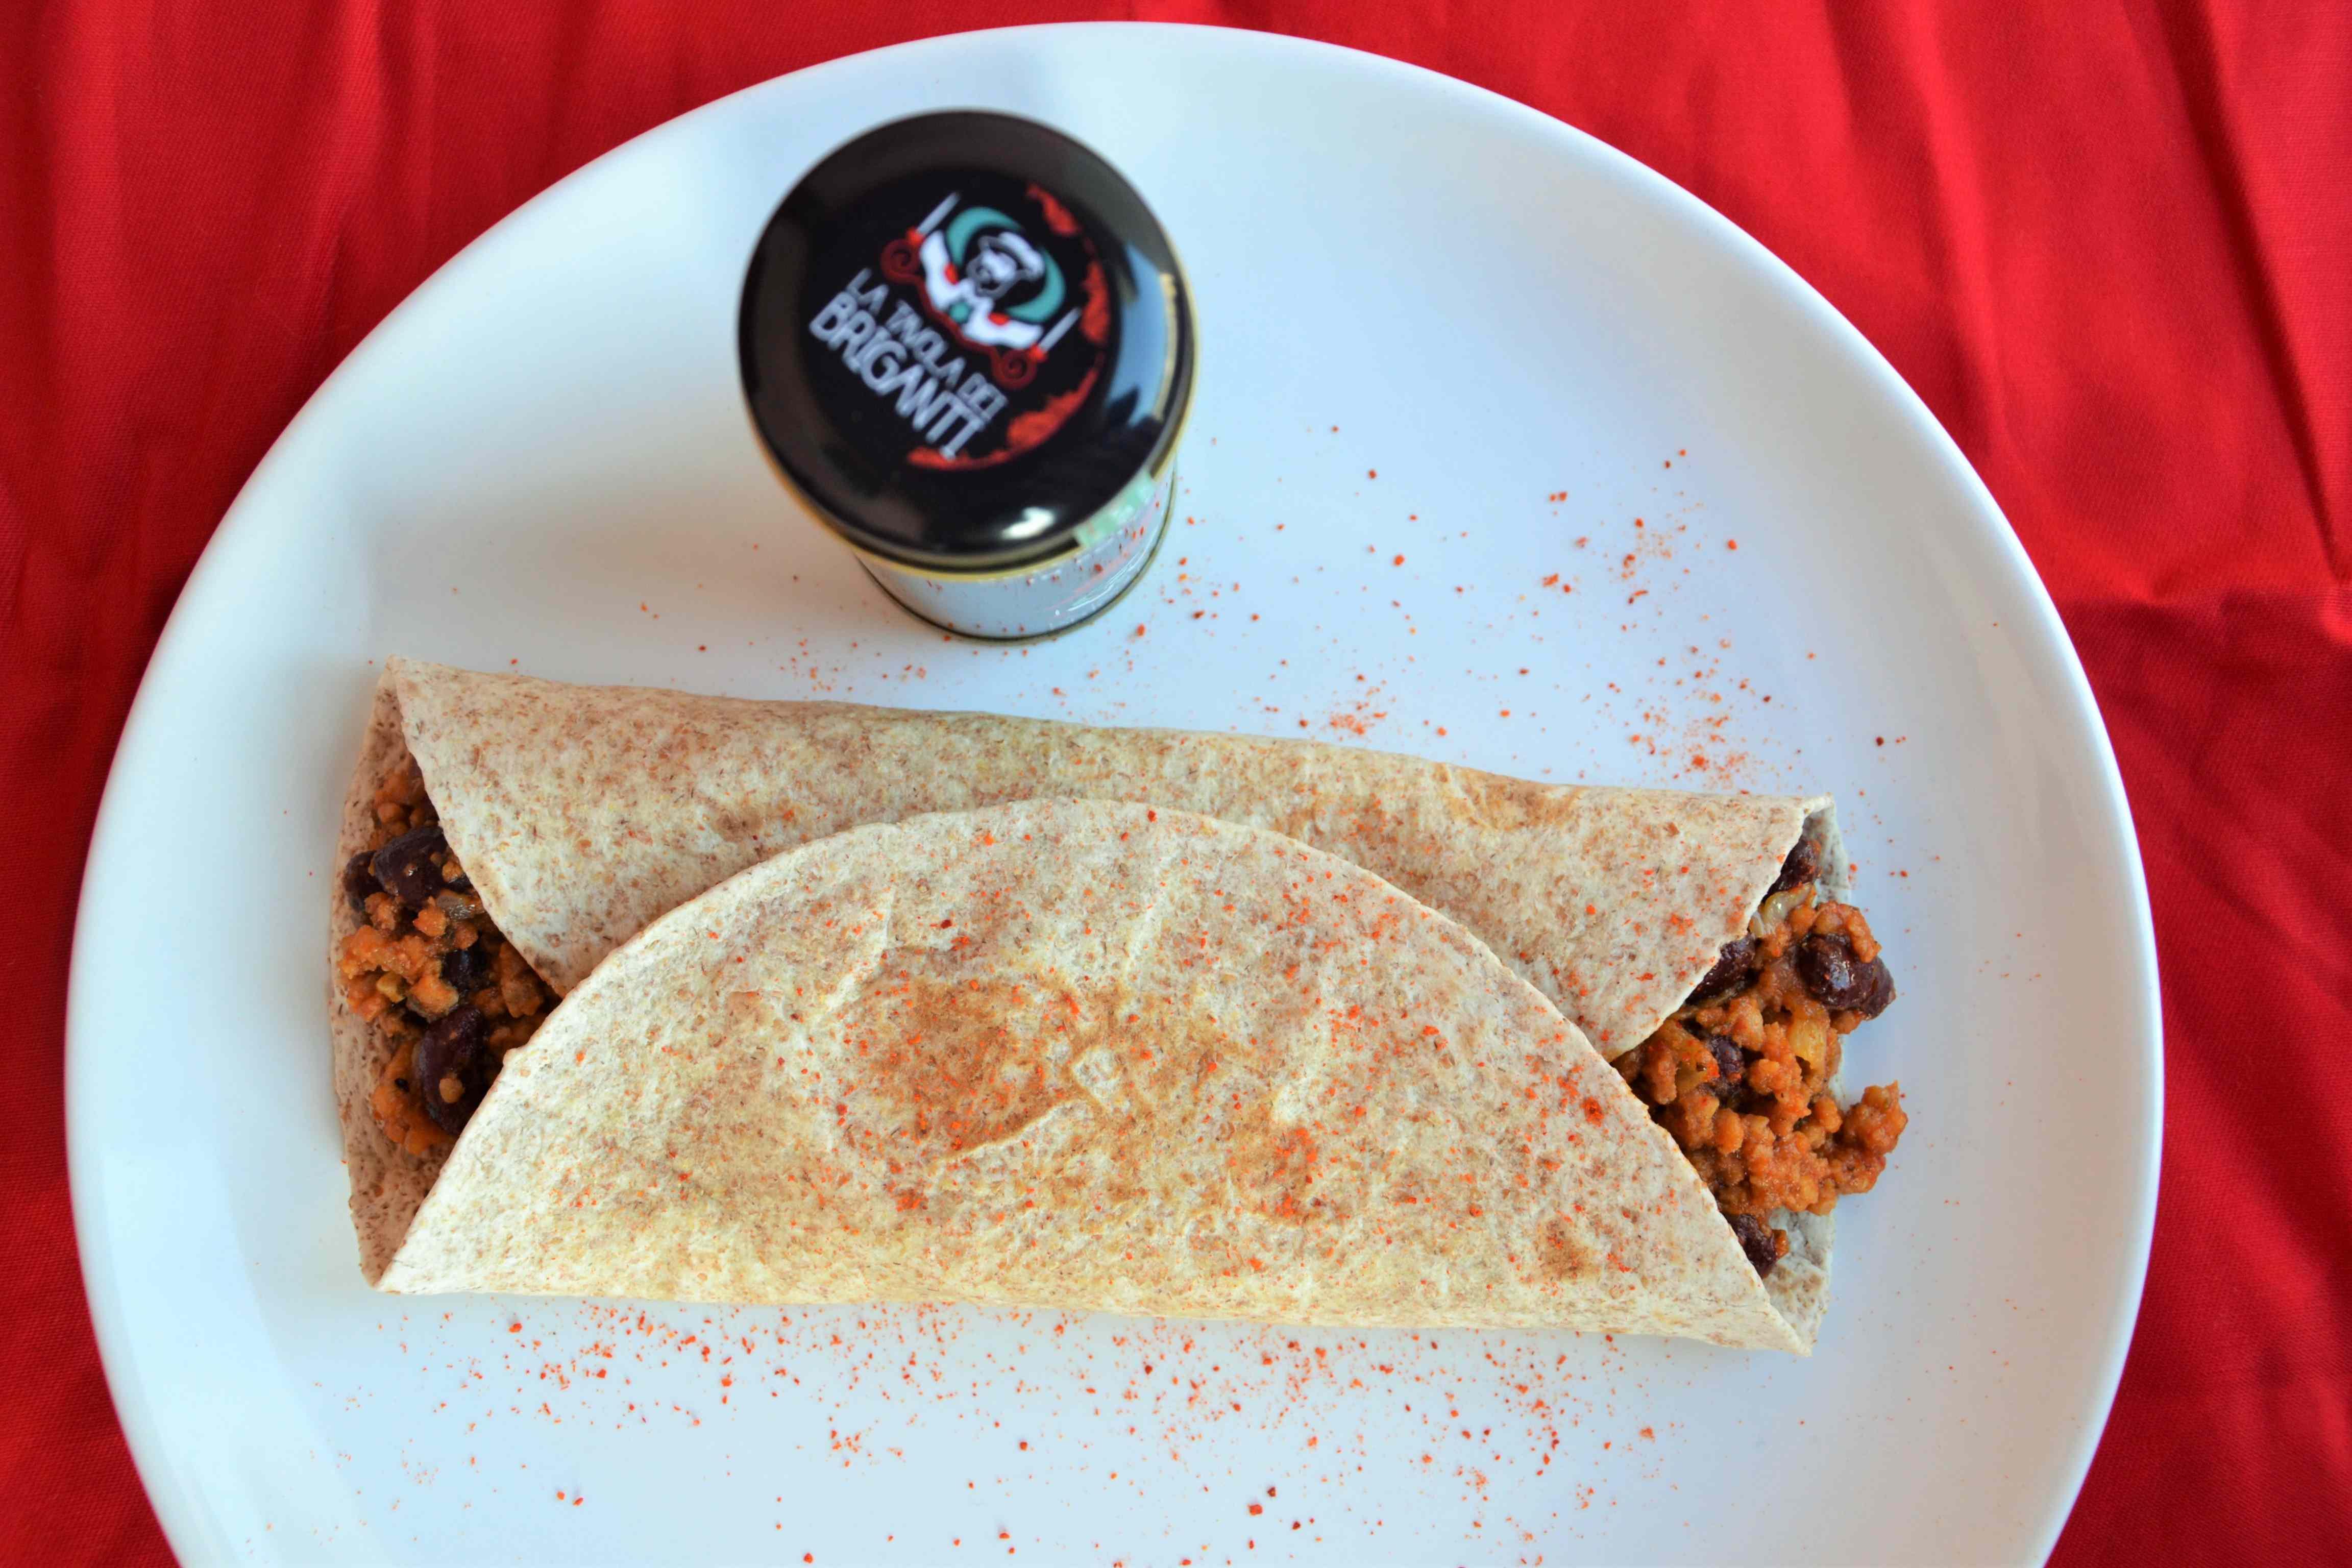 Ricetta: Chili con carne